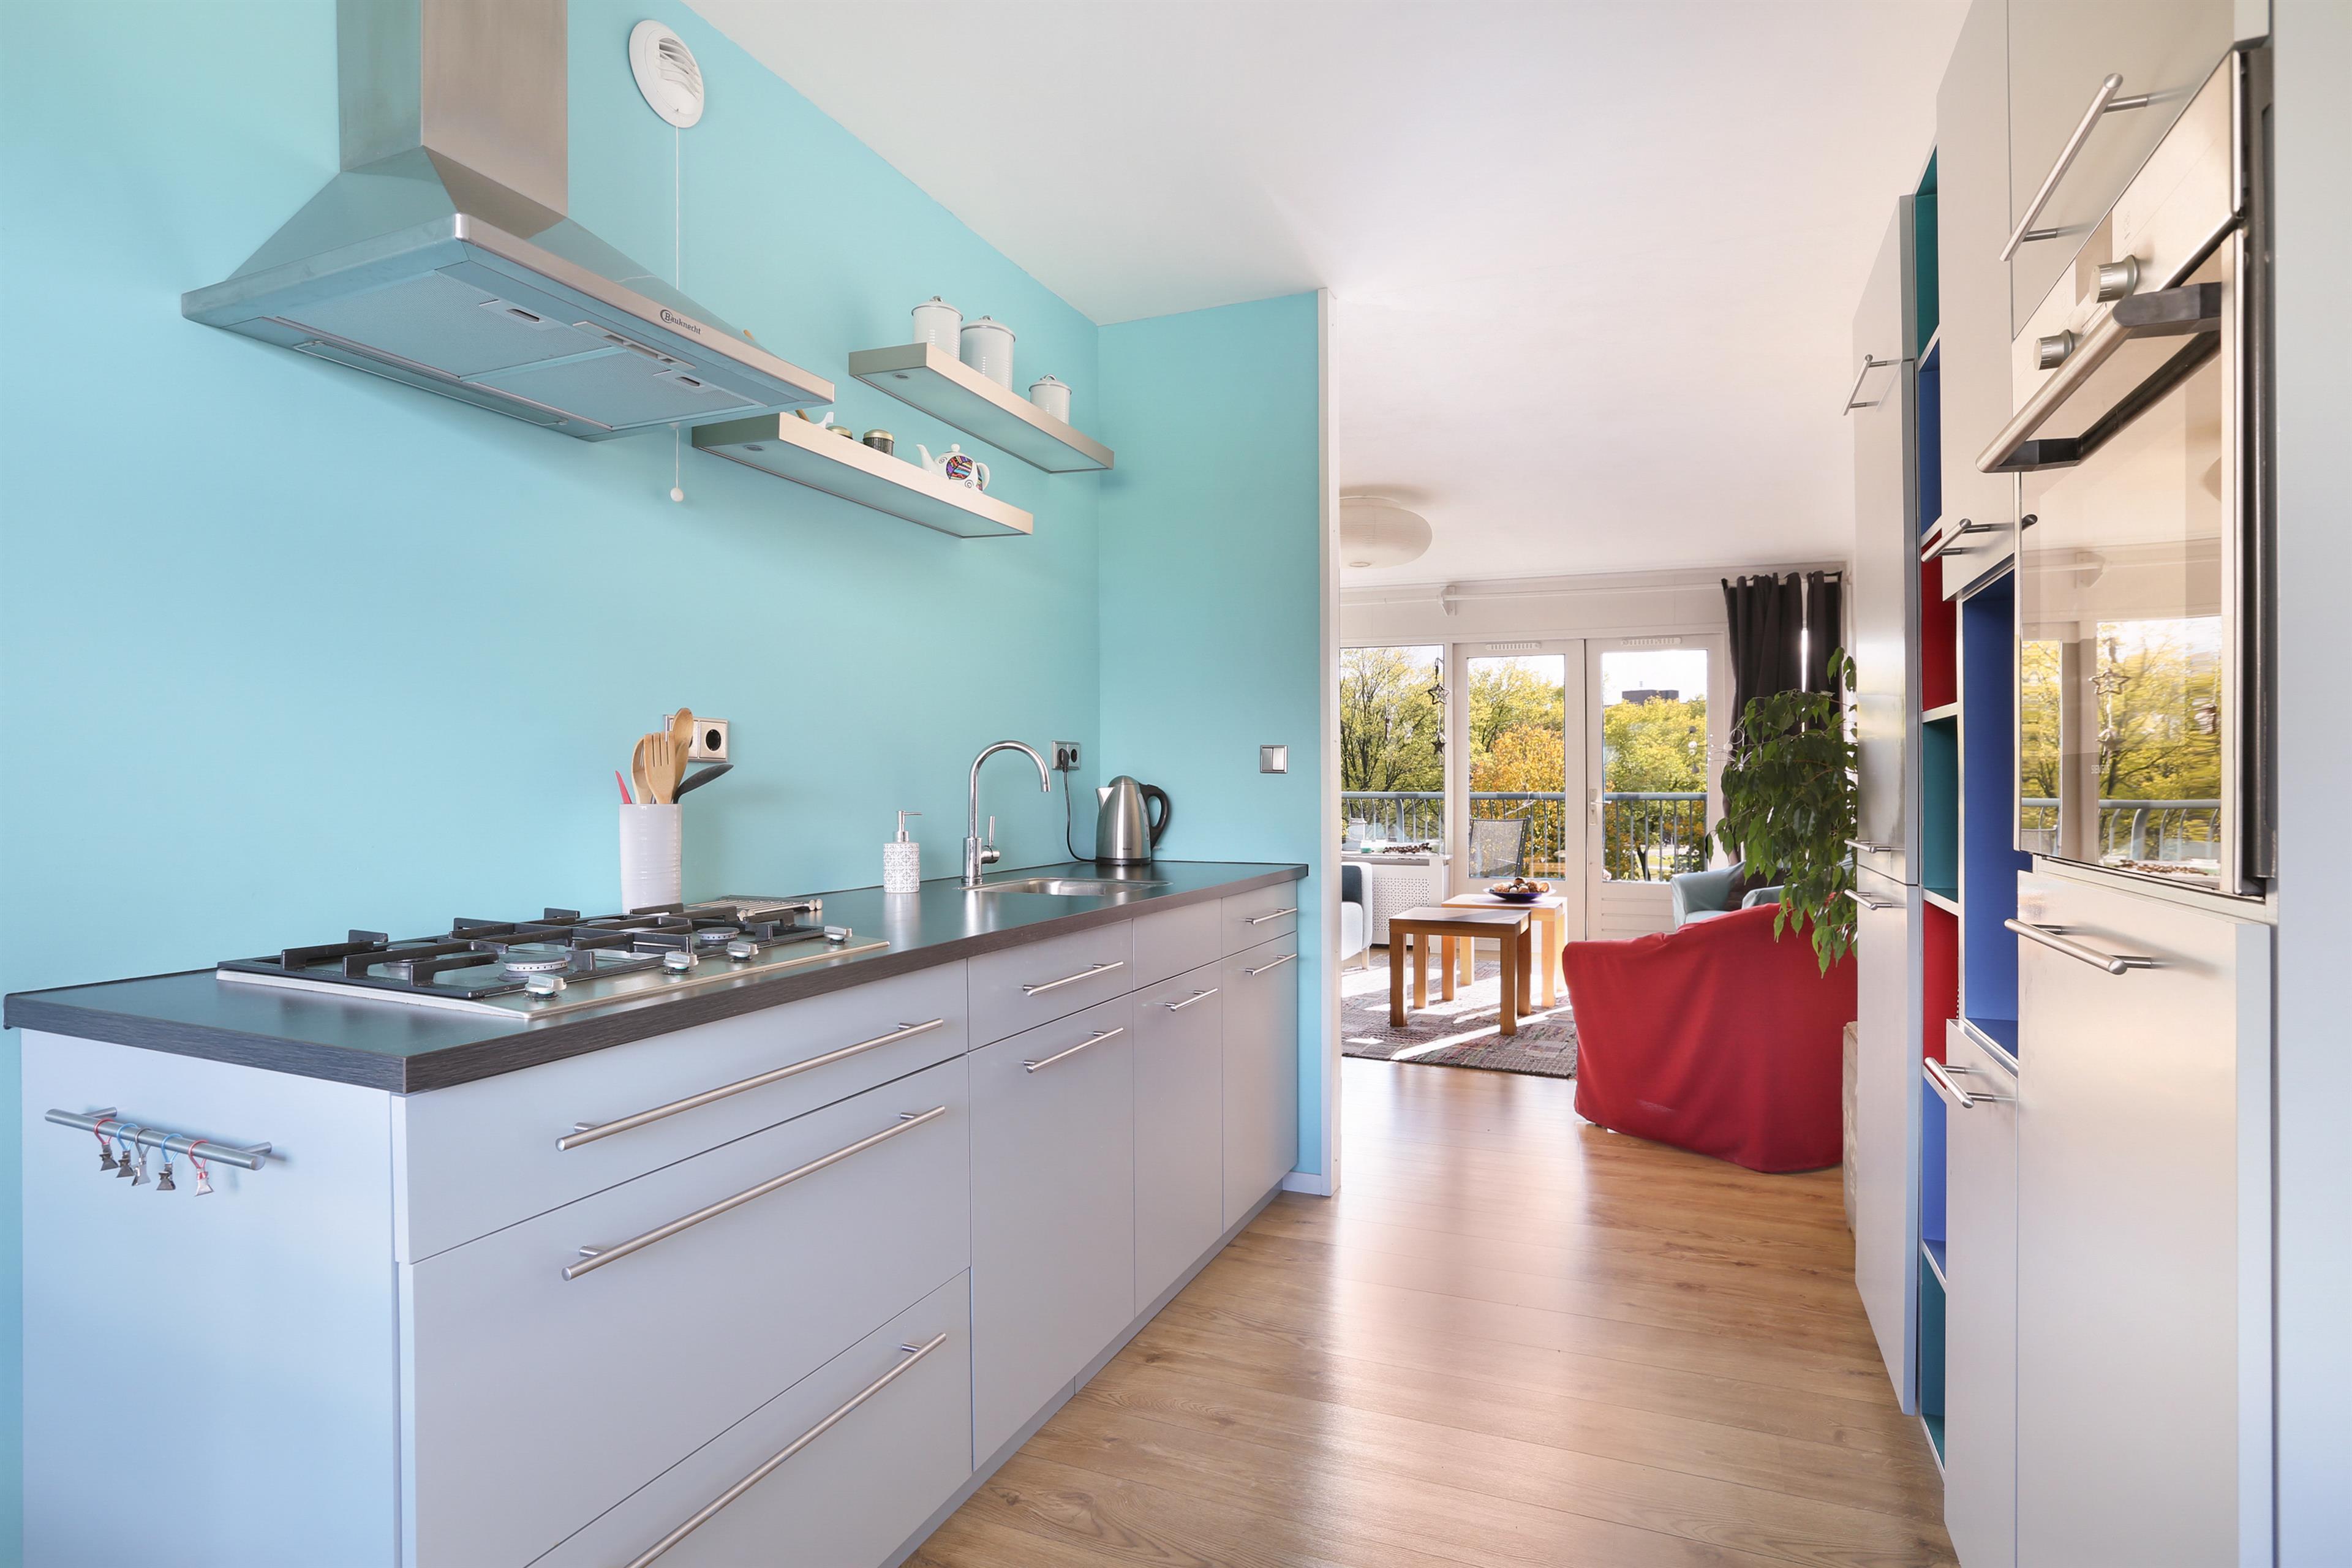 Keuken Design Amersfoort : Te koop: olivierplaats 49 amersfoort hendriks makelaardij